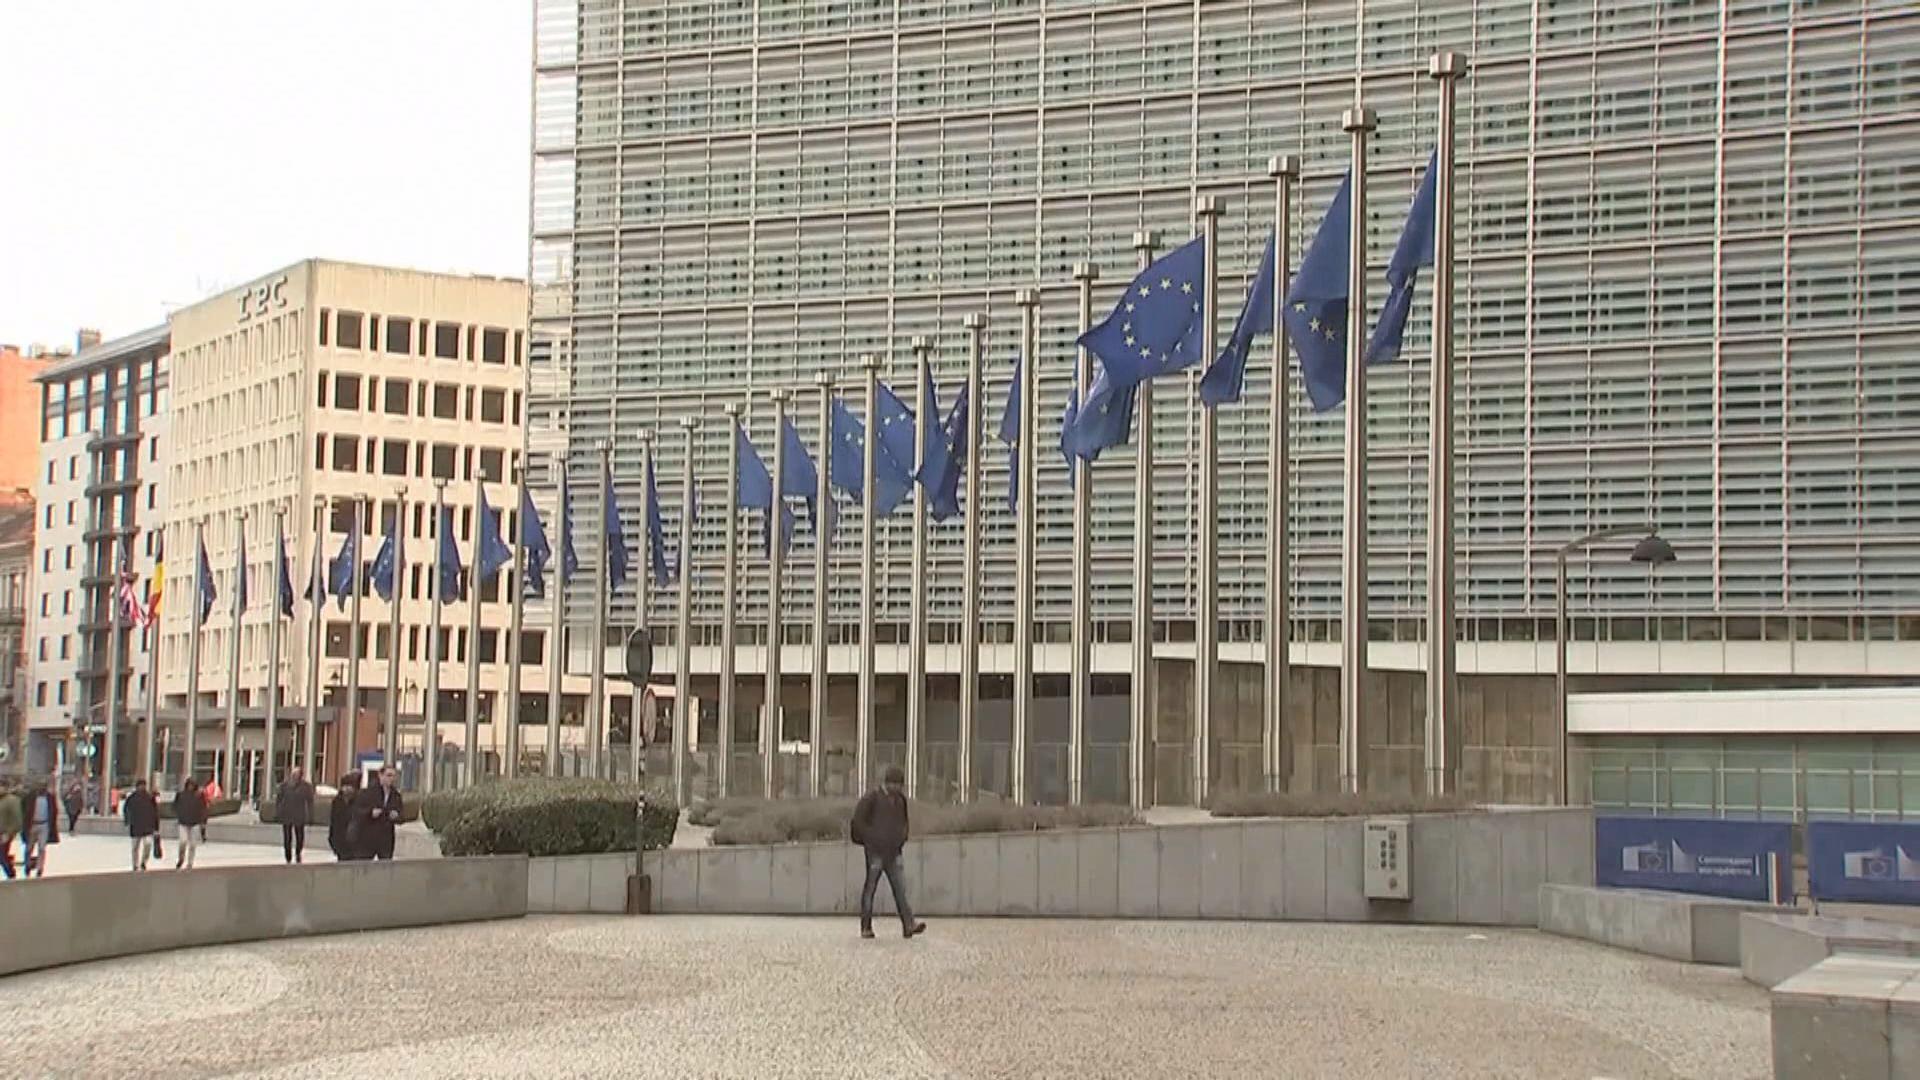 歐盟:中國需進一步減少壁壘才能今年達成投資協議